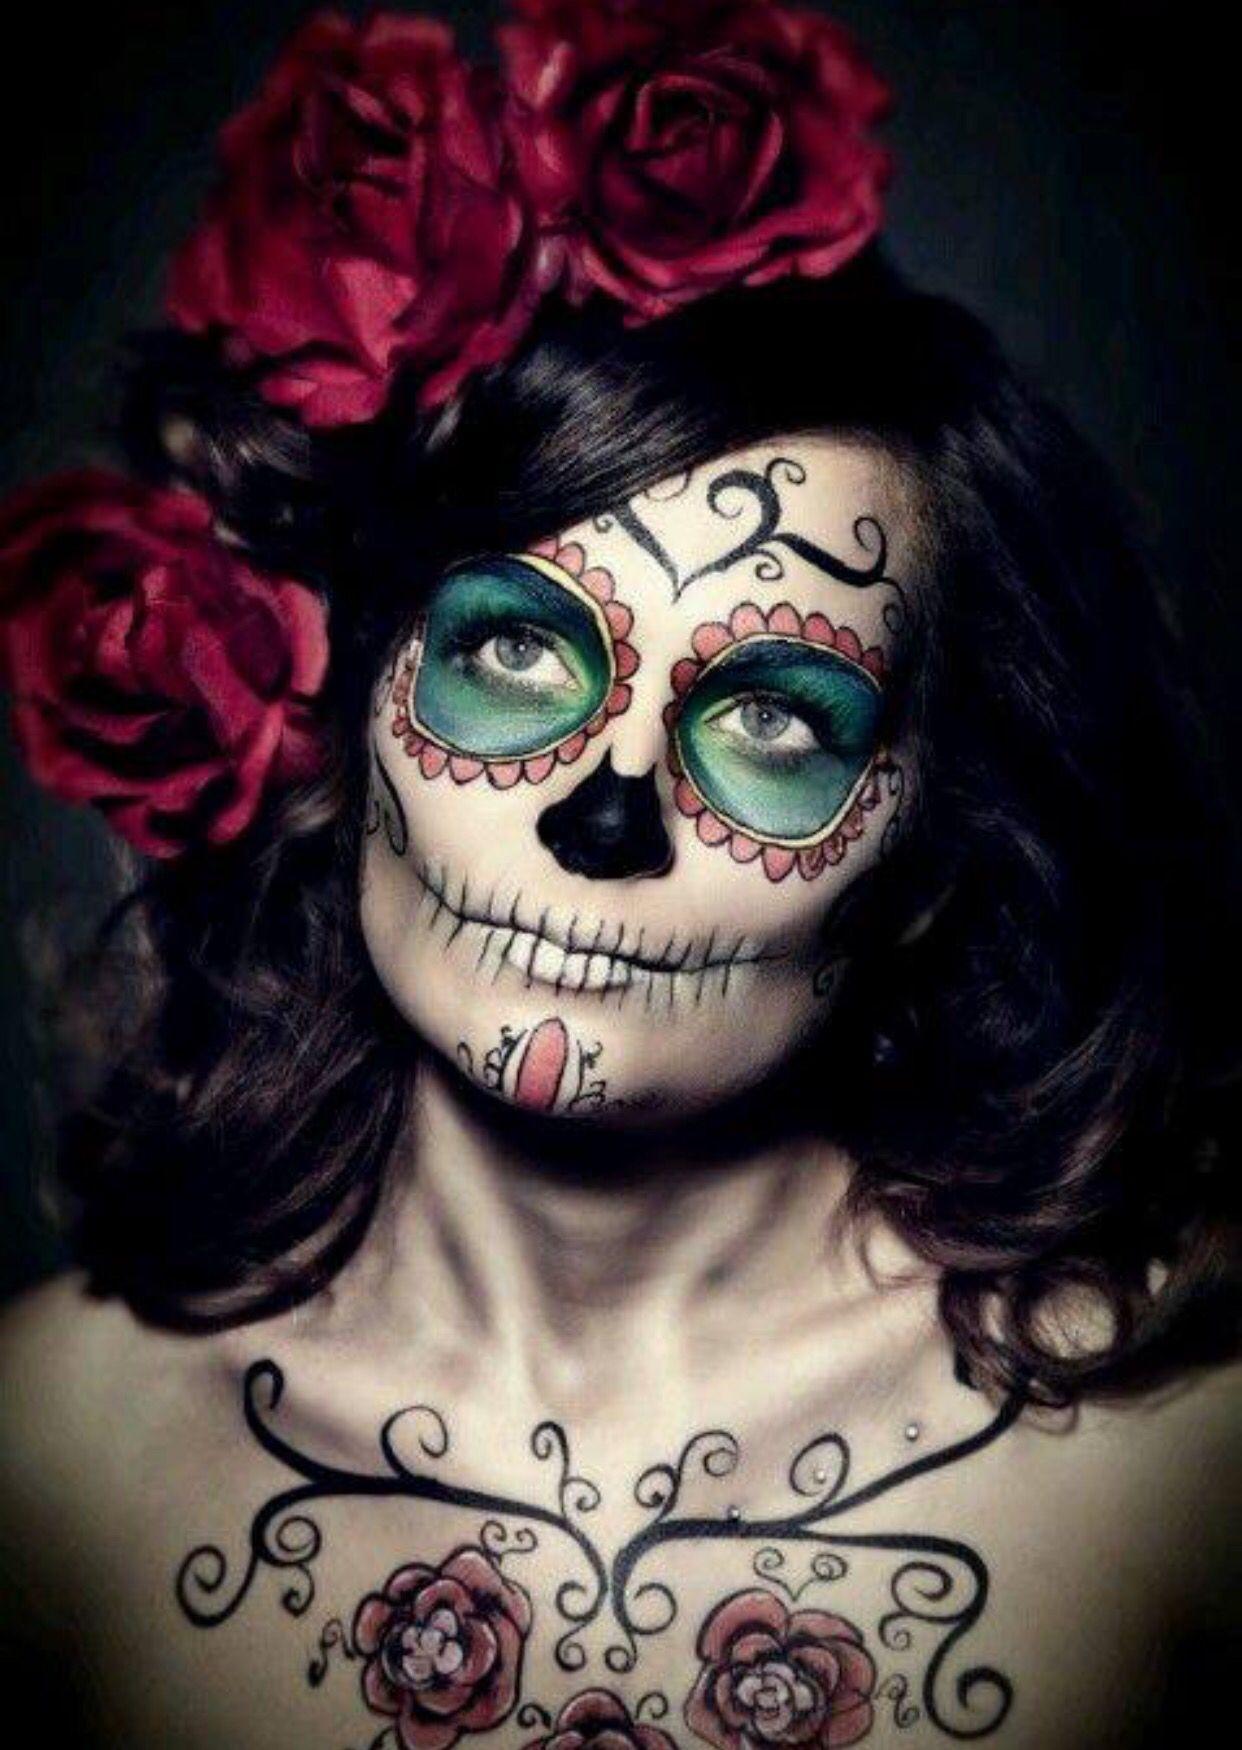 Elegance dia de los muertos make up catrinas pinterest dia de las muertos d a de y d a - Maquillage dia de los muertos ...